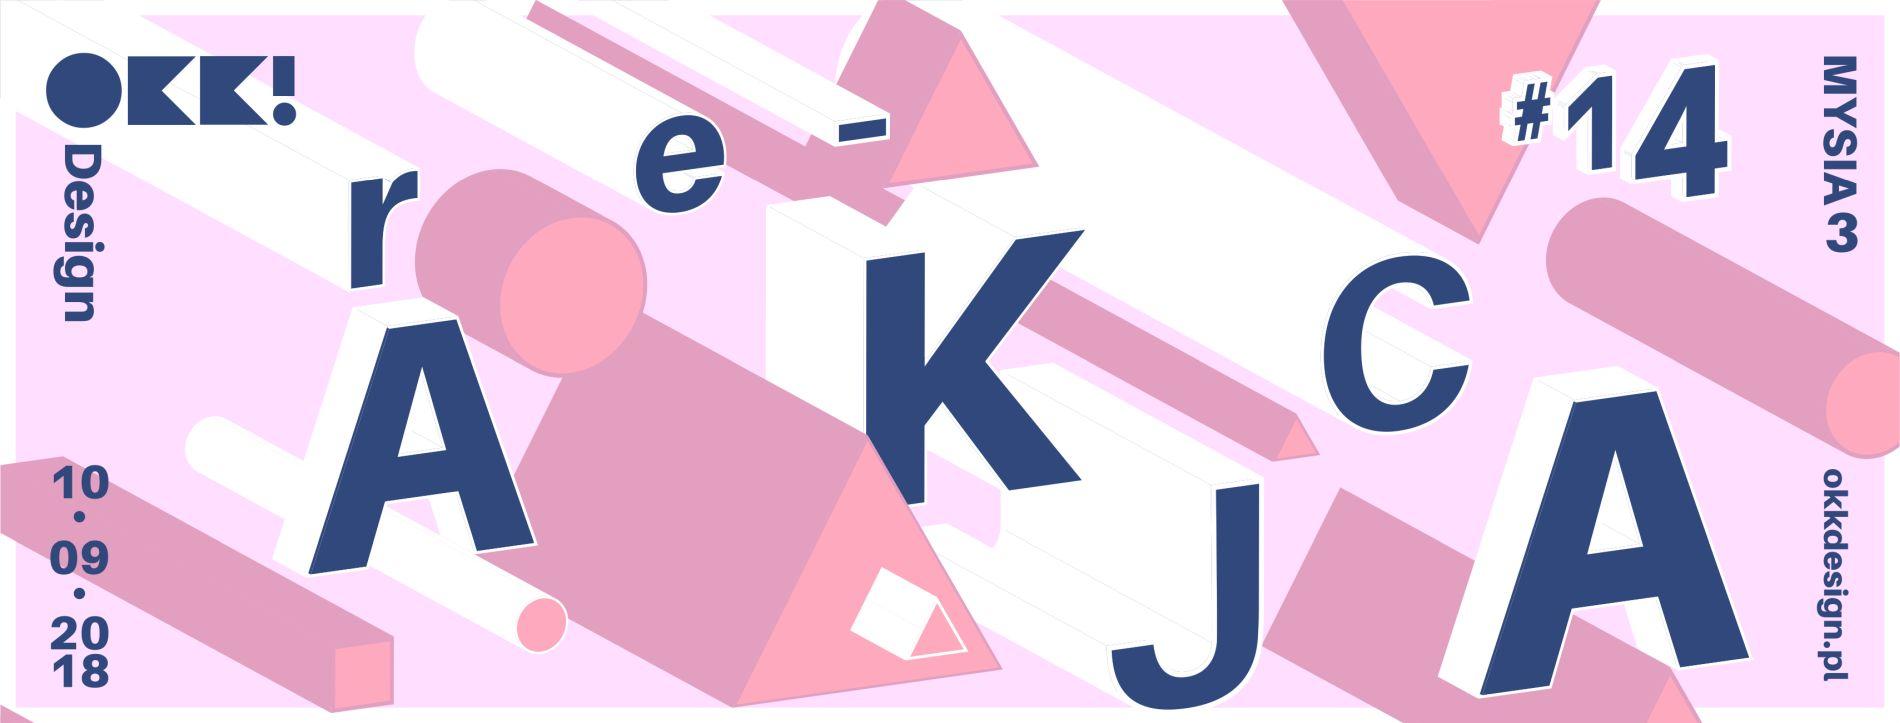 """""""OKK design!"""" (źródło: materiały prasowe organizatorów)"""